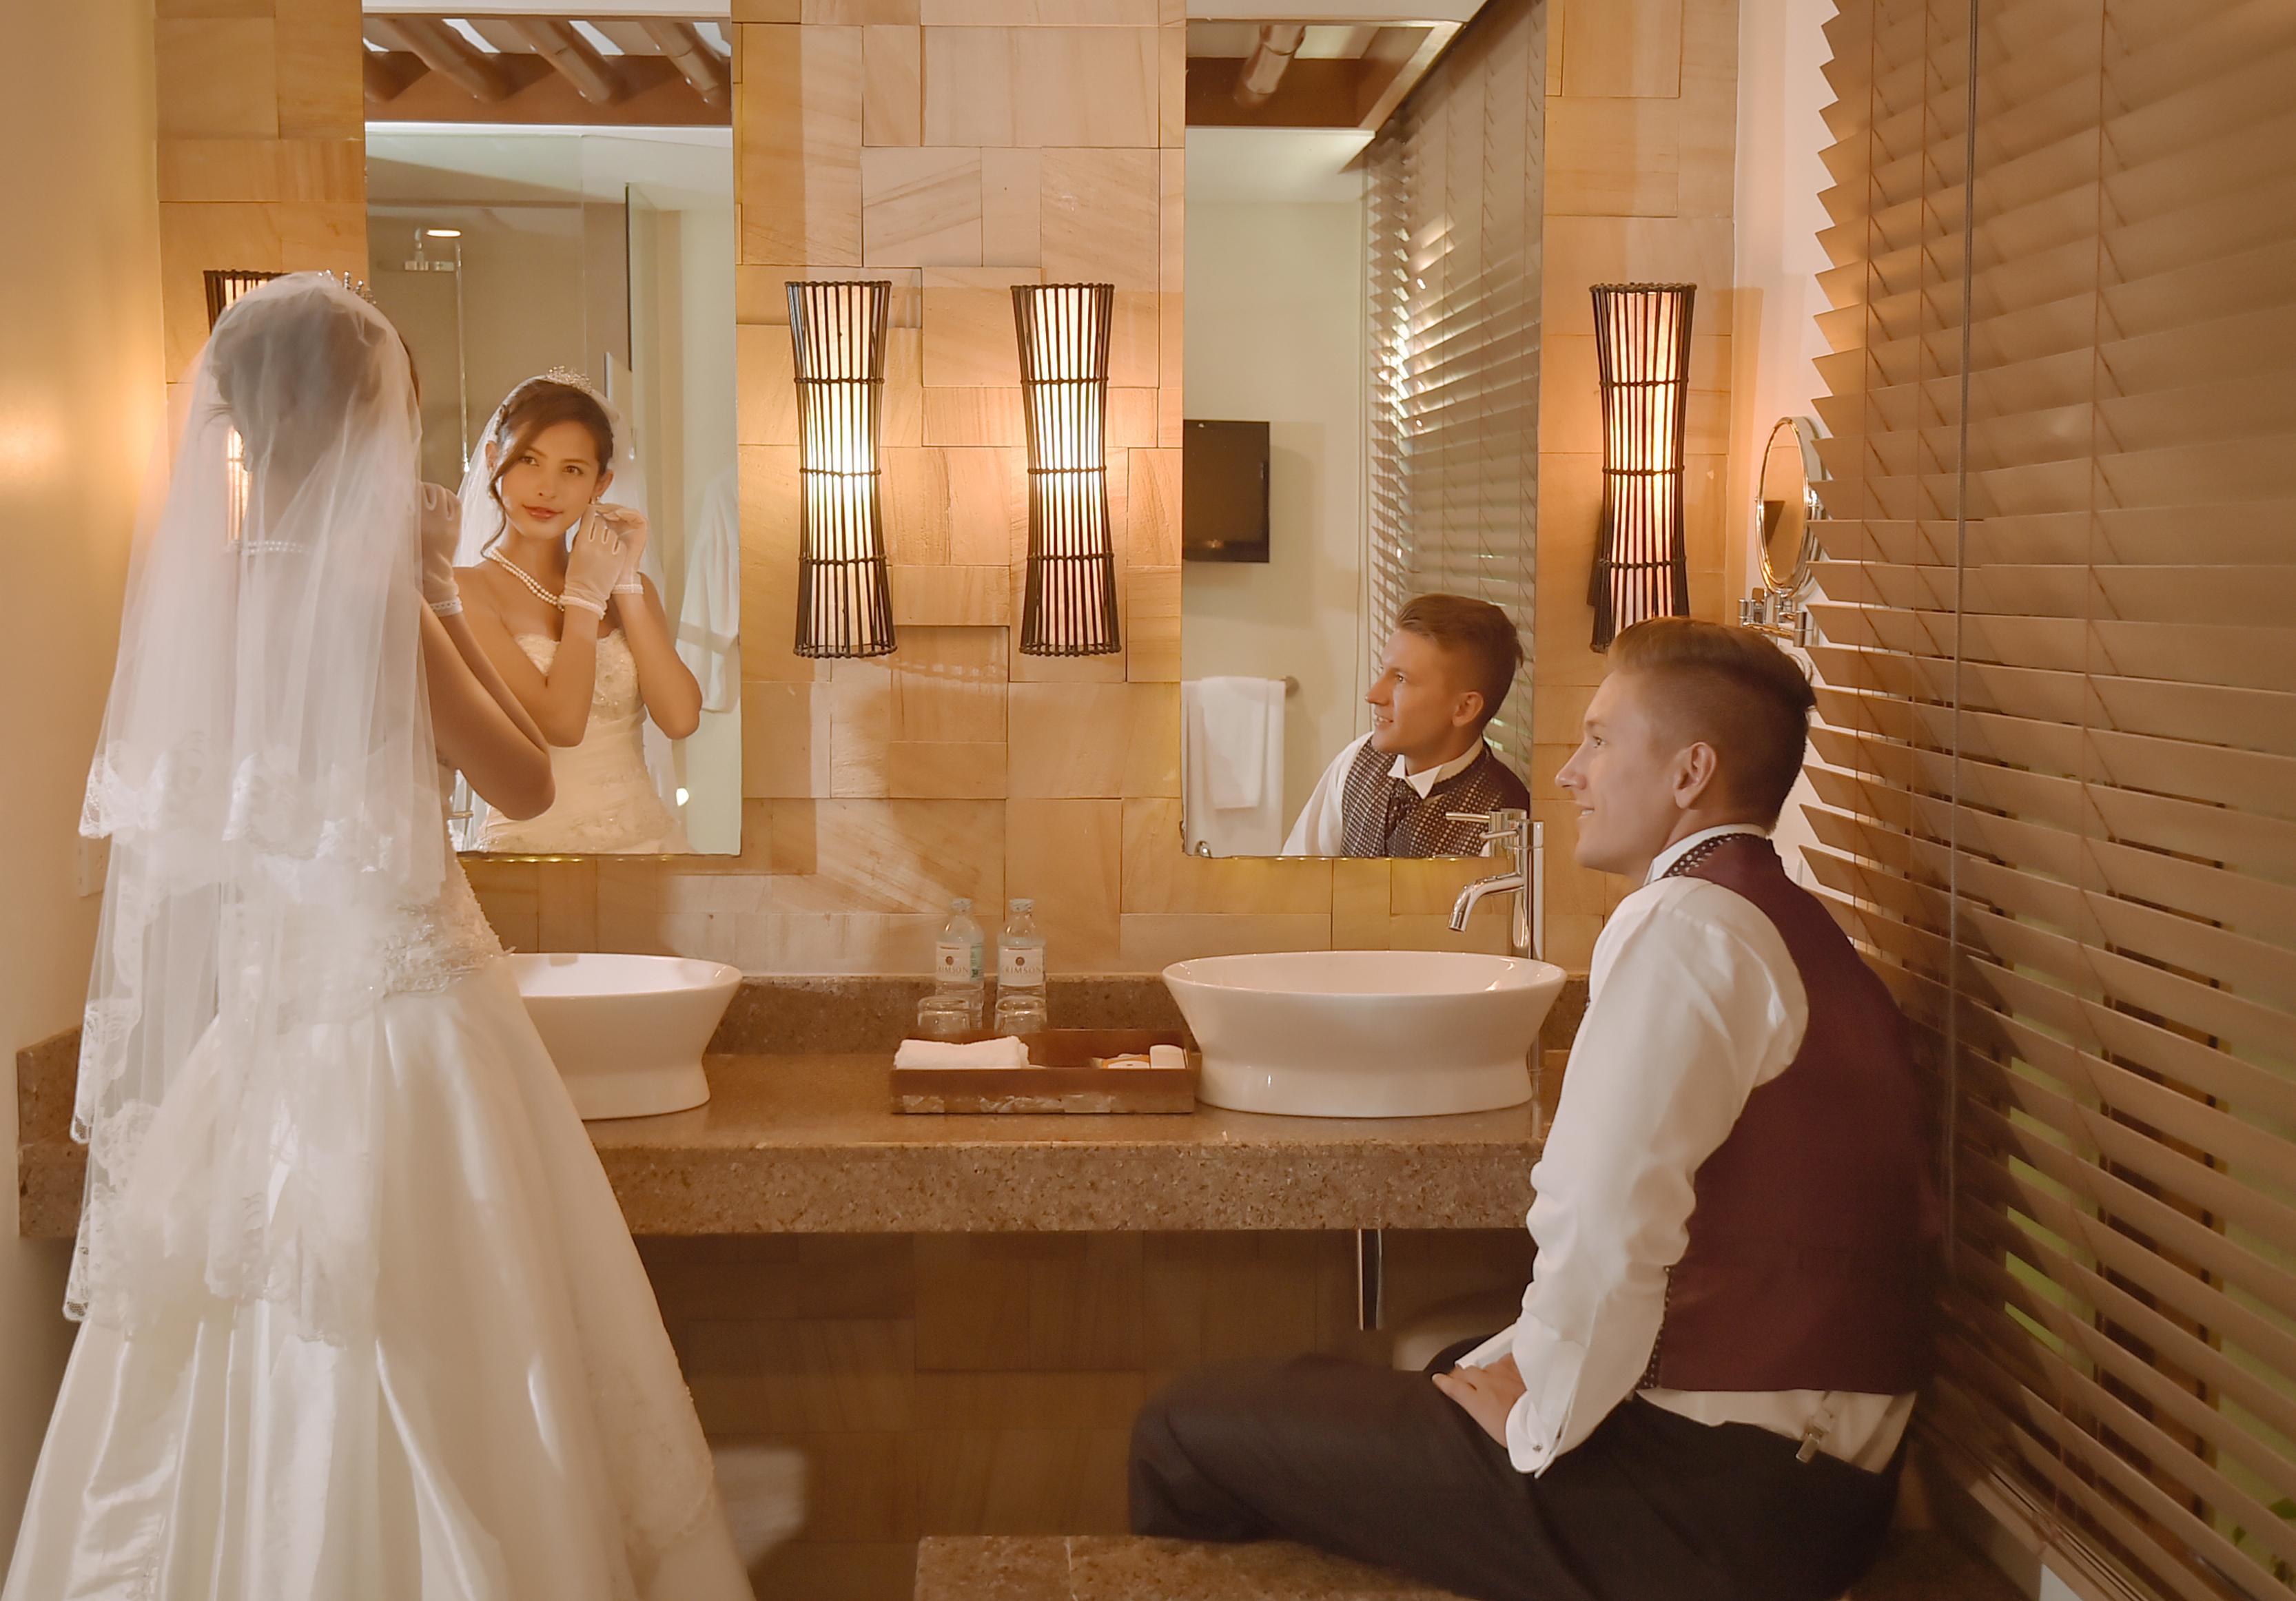 クリムゾン・リゾート&スパ・マクタン<br /> プライベートプール付ビーチフロントヴィラ<br /> バスルームにて